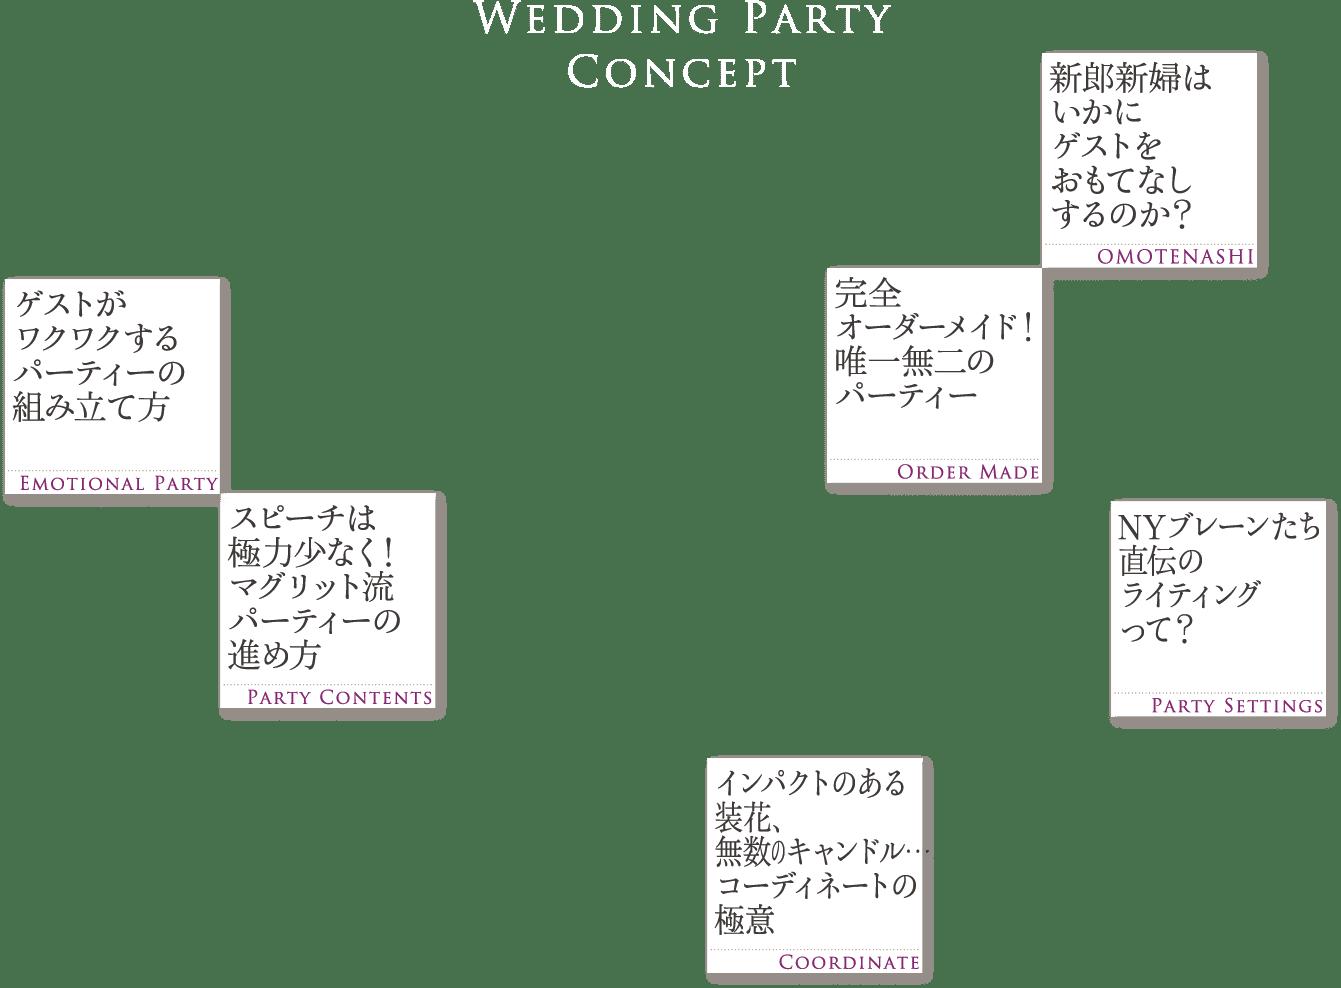 ザ マグリット | 岡山県岡山市の結婚式場・パーティーウェディング・おもてなしウェディング ウェディングパーティーコンセプト テキスト